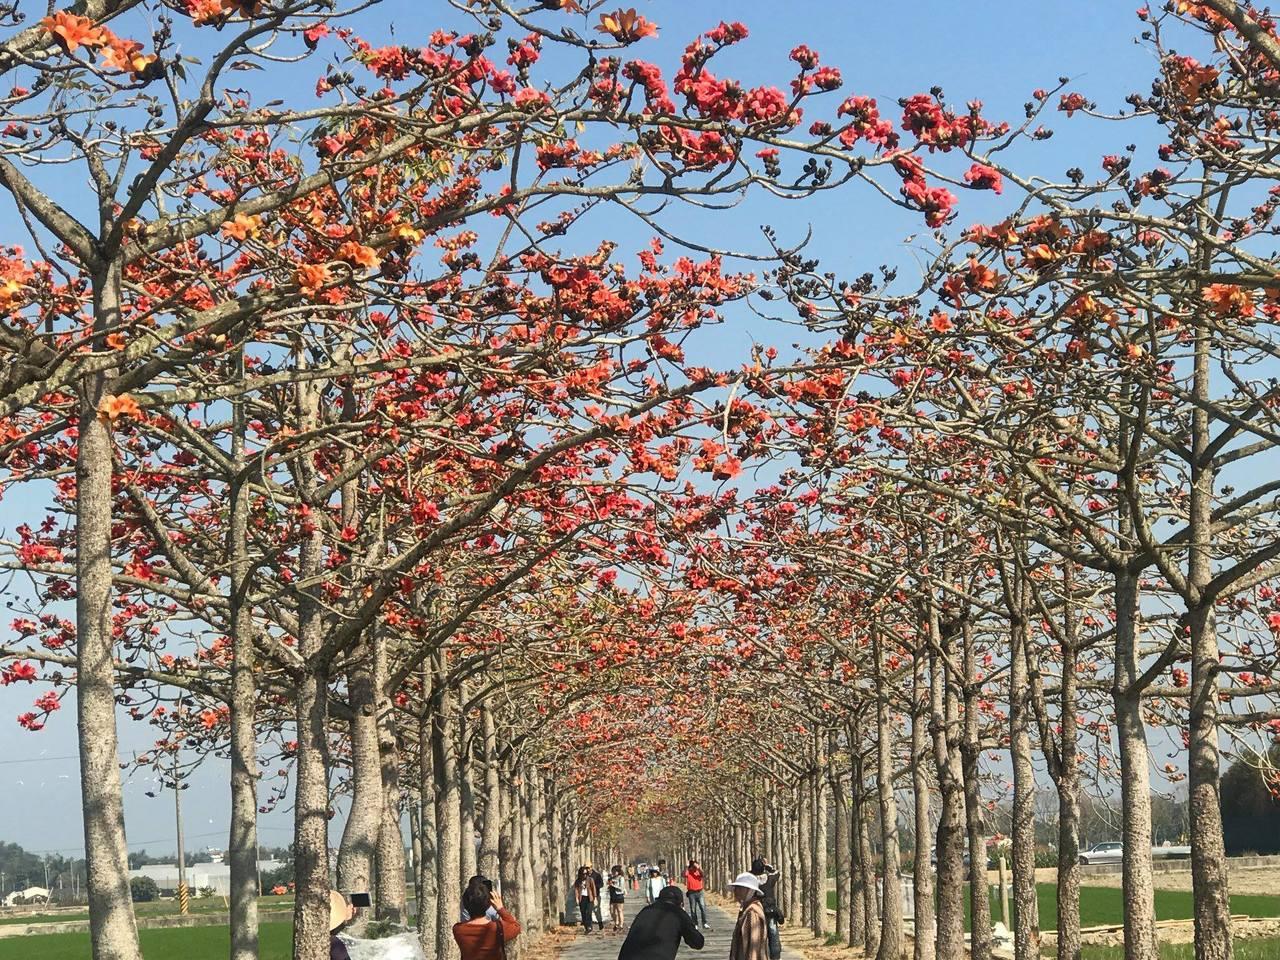 號稱全球最美花道的台南白河林初埤木棉花道,今年受到暖冬影響,木棉花提早綻放。圖/...